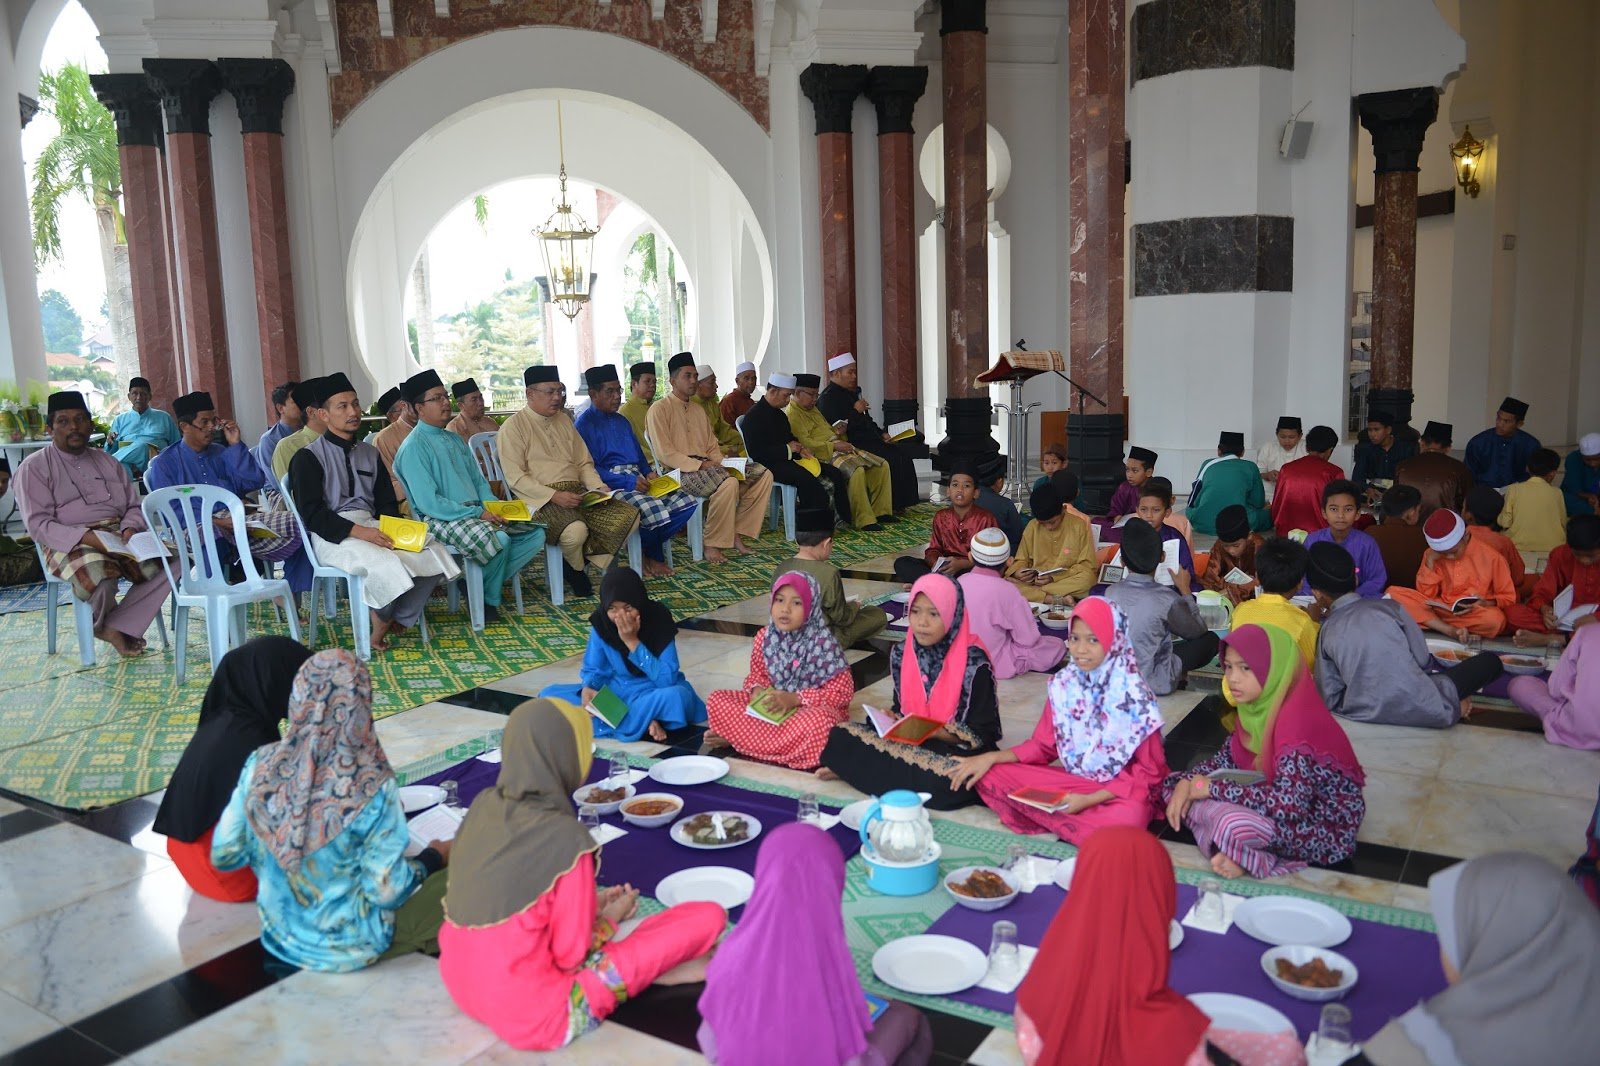 masjid ubudiah official majlis berbuka puasa bersama anak anak